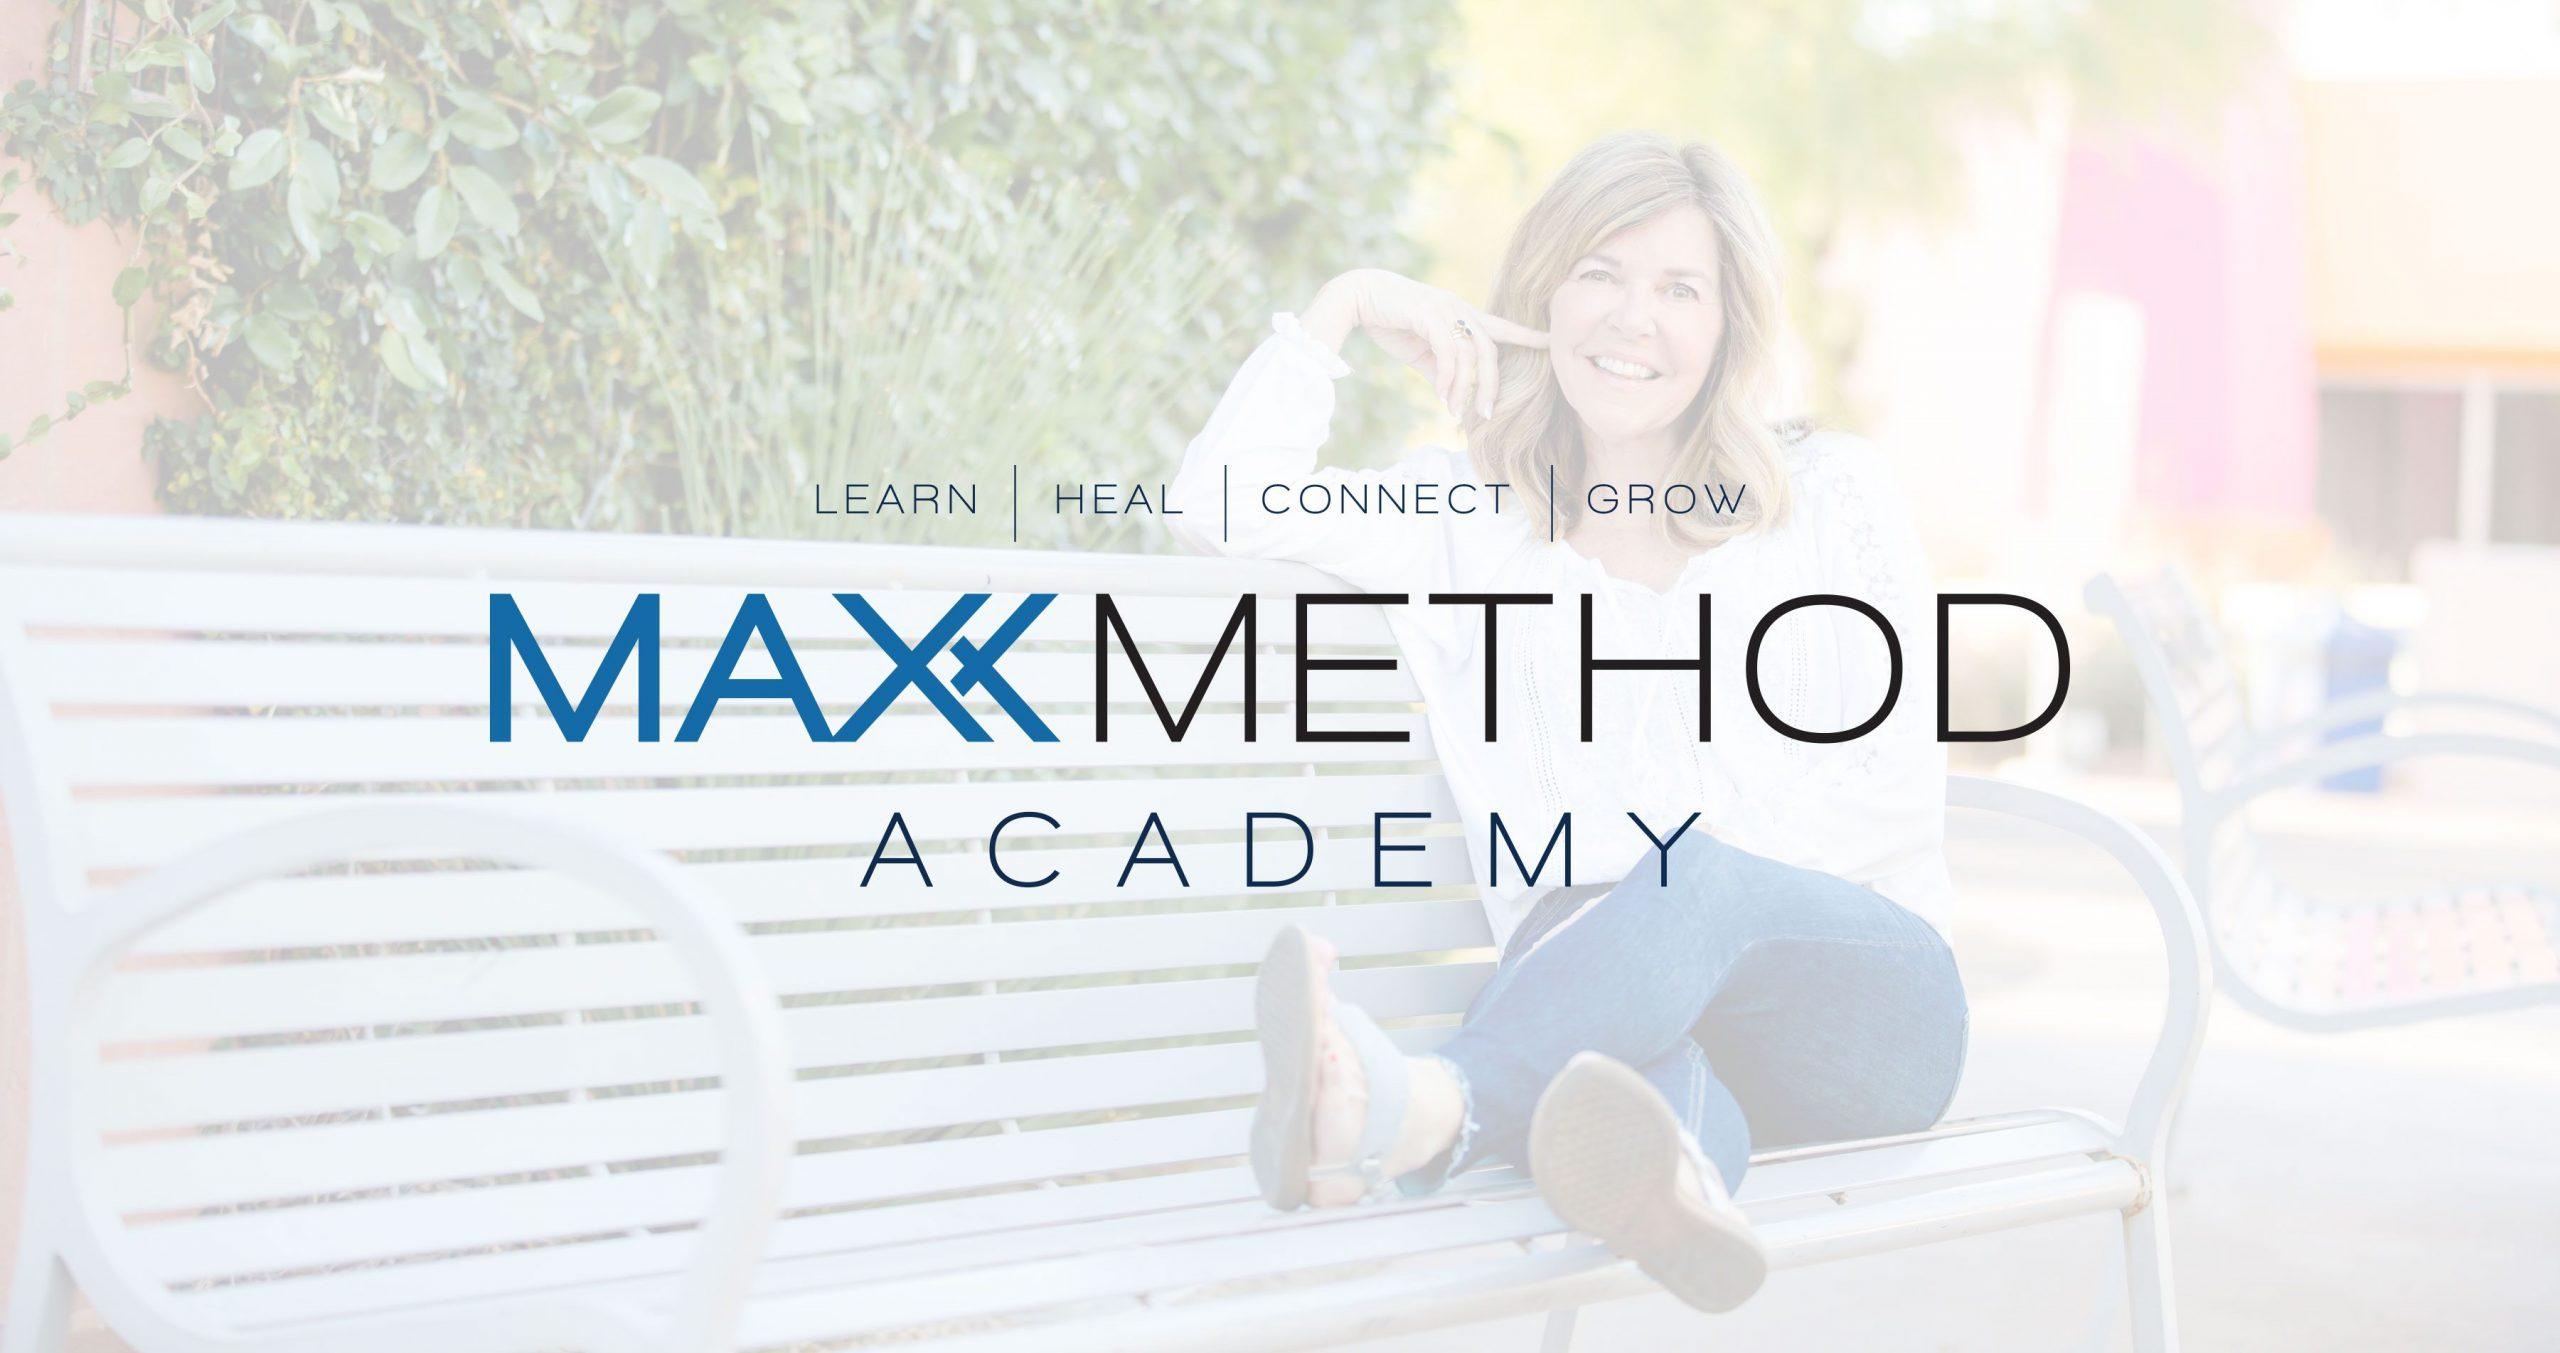 Maxxmethod Academy Overview